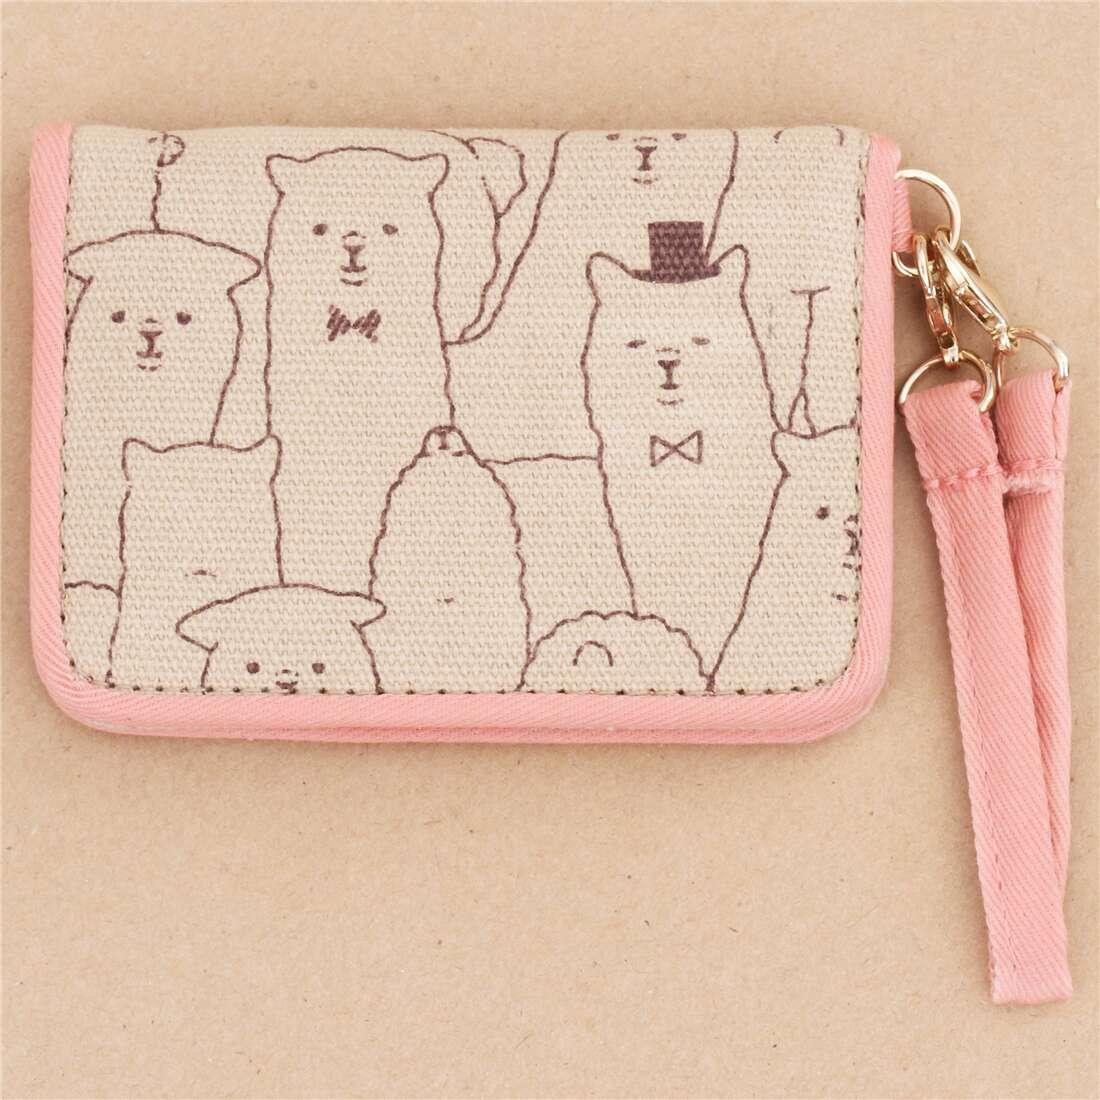 cute brown pink alpaca card holder case wallet from Japan 207748 1